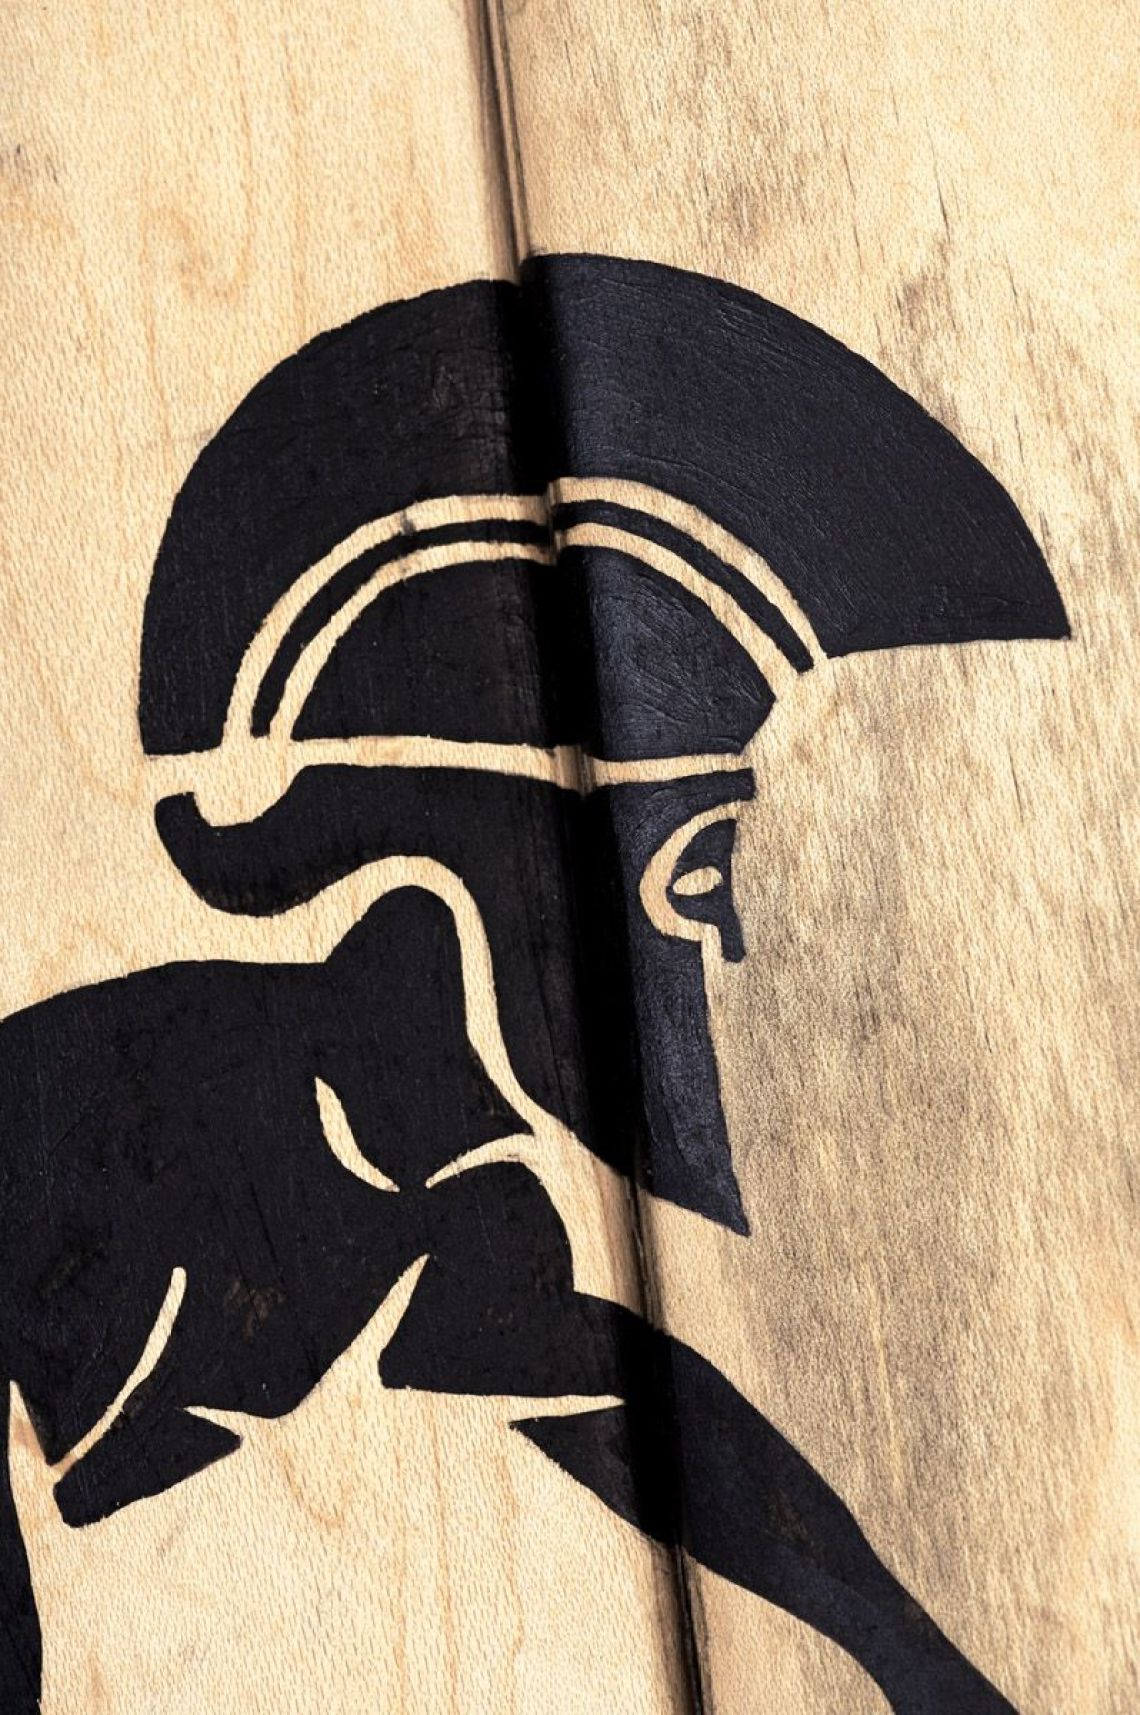 Skunus Gladiatorium Skate Sculpture By Rom Avjc 10